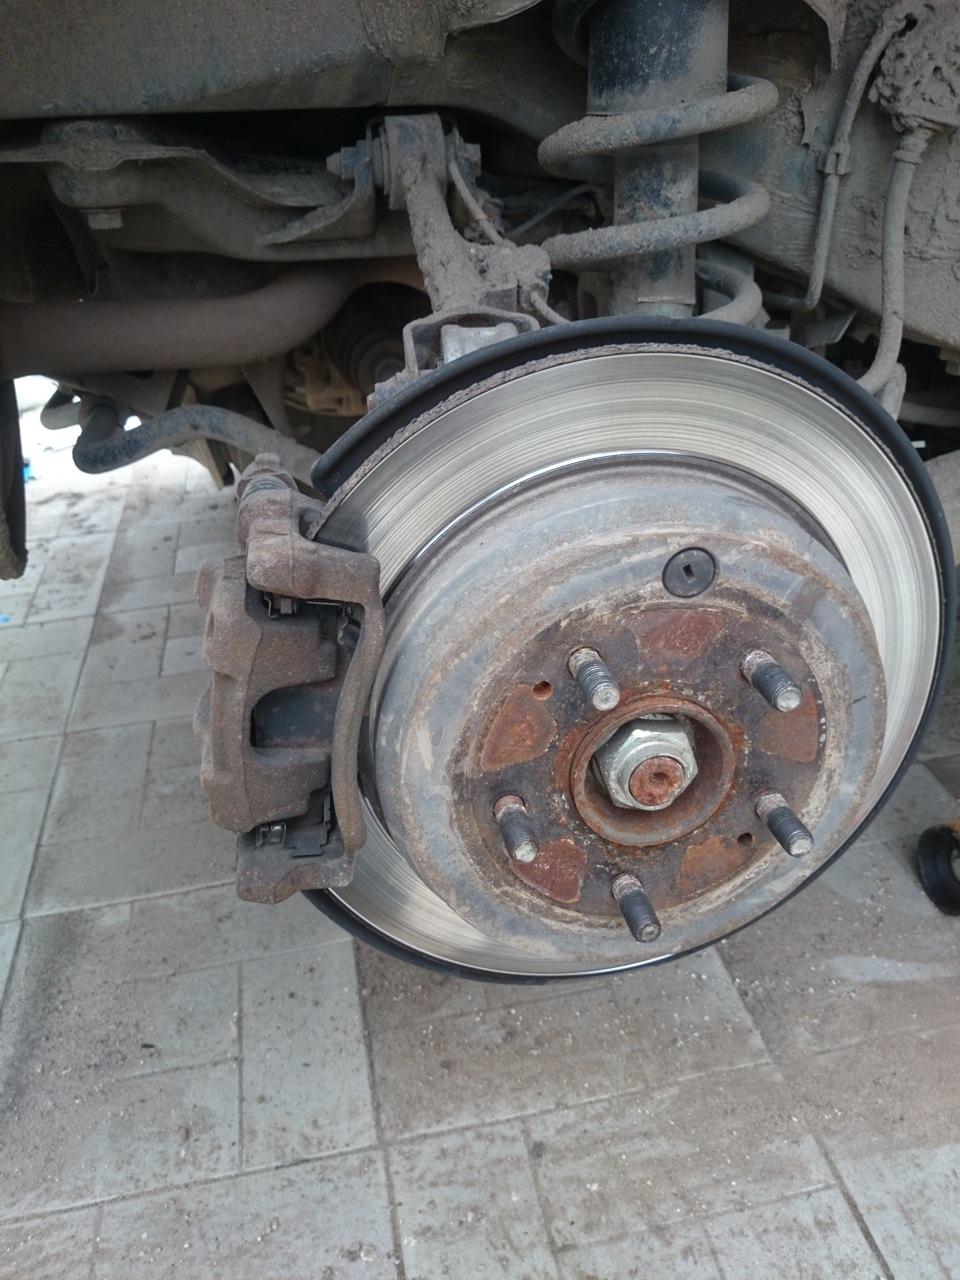 Замена заднего тормозного диска хонда срв 2008 Замена пыльника привода внутреннего куга 2